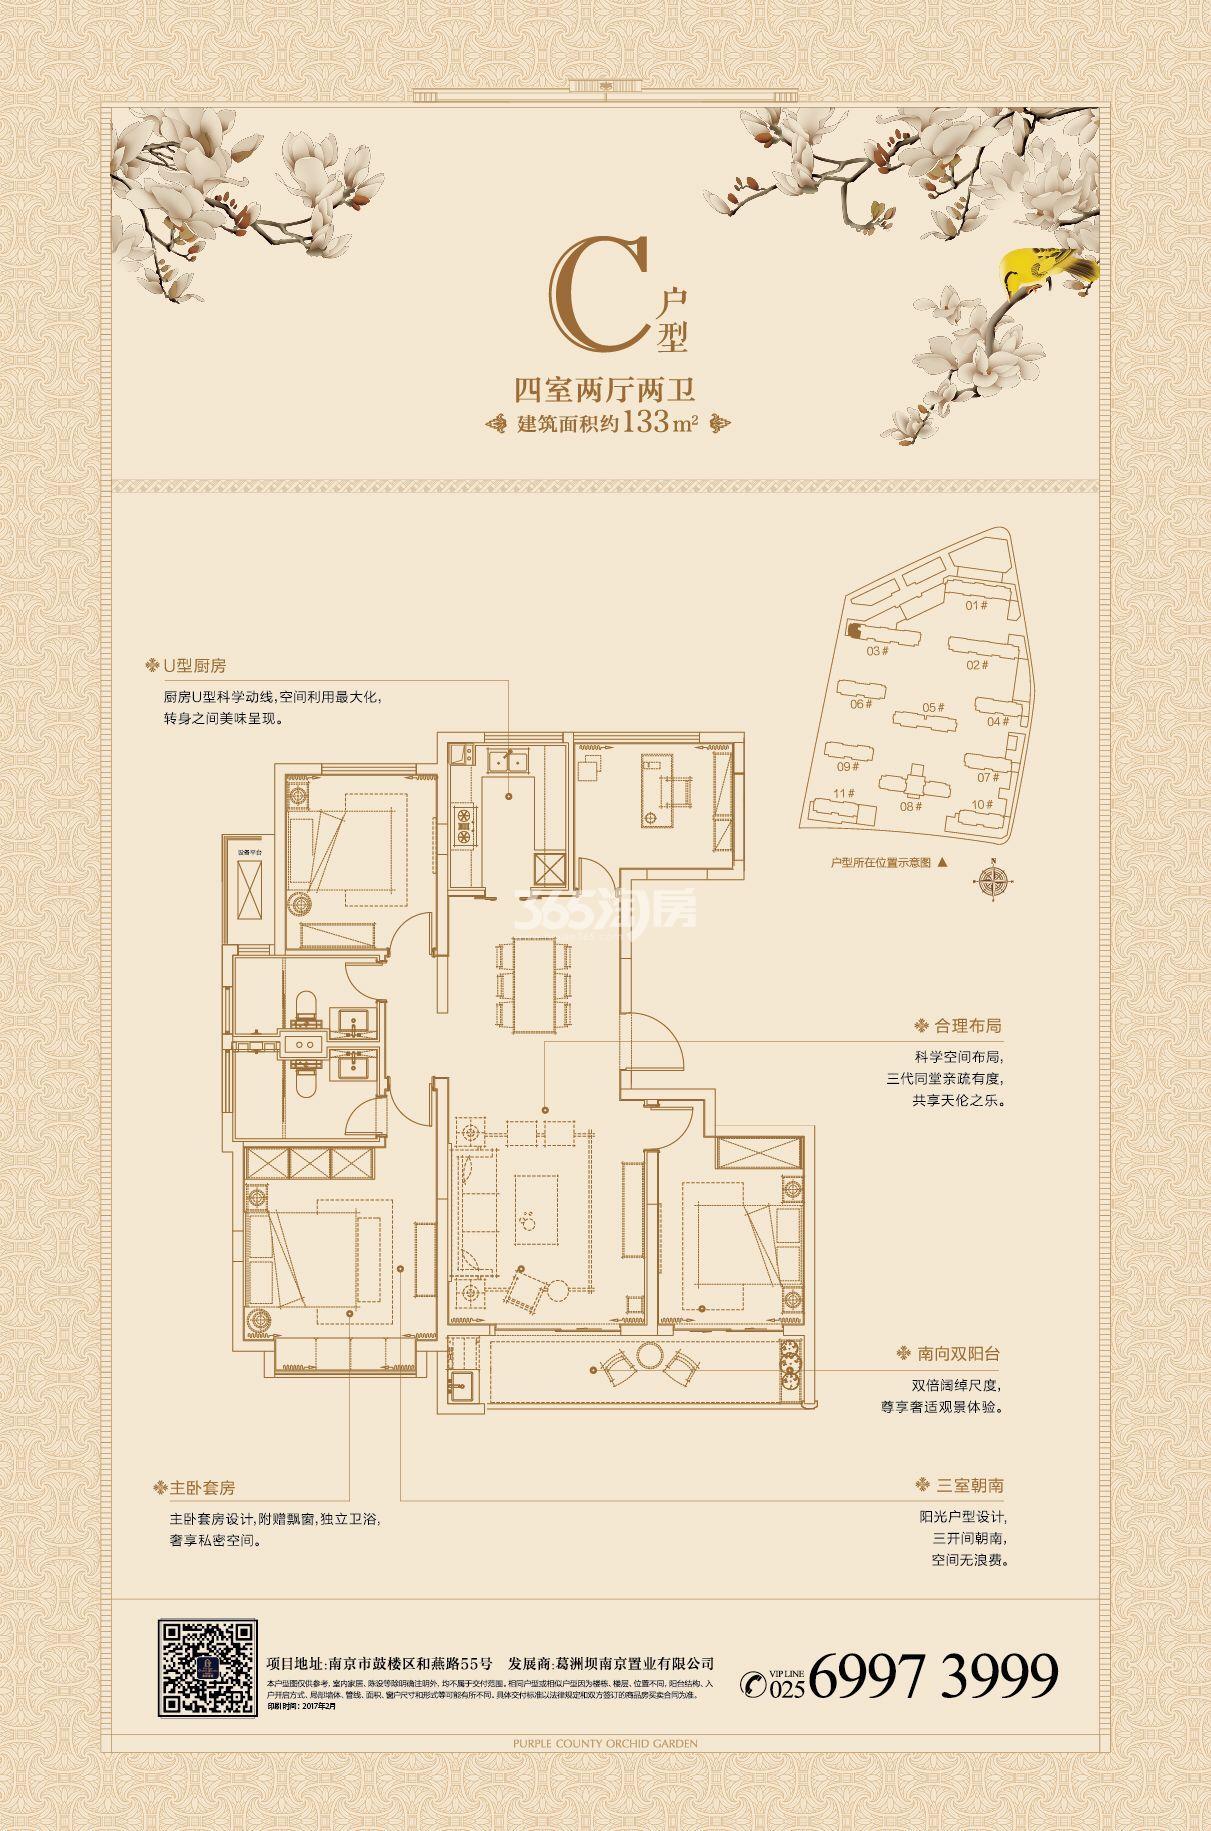 葛洲坝招商紫郡蘭园133㎡4室2厅2卫户型图